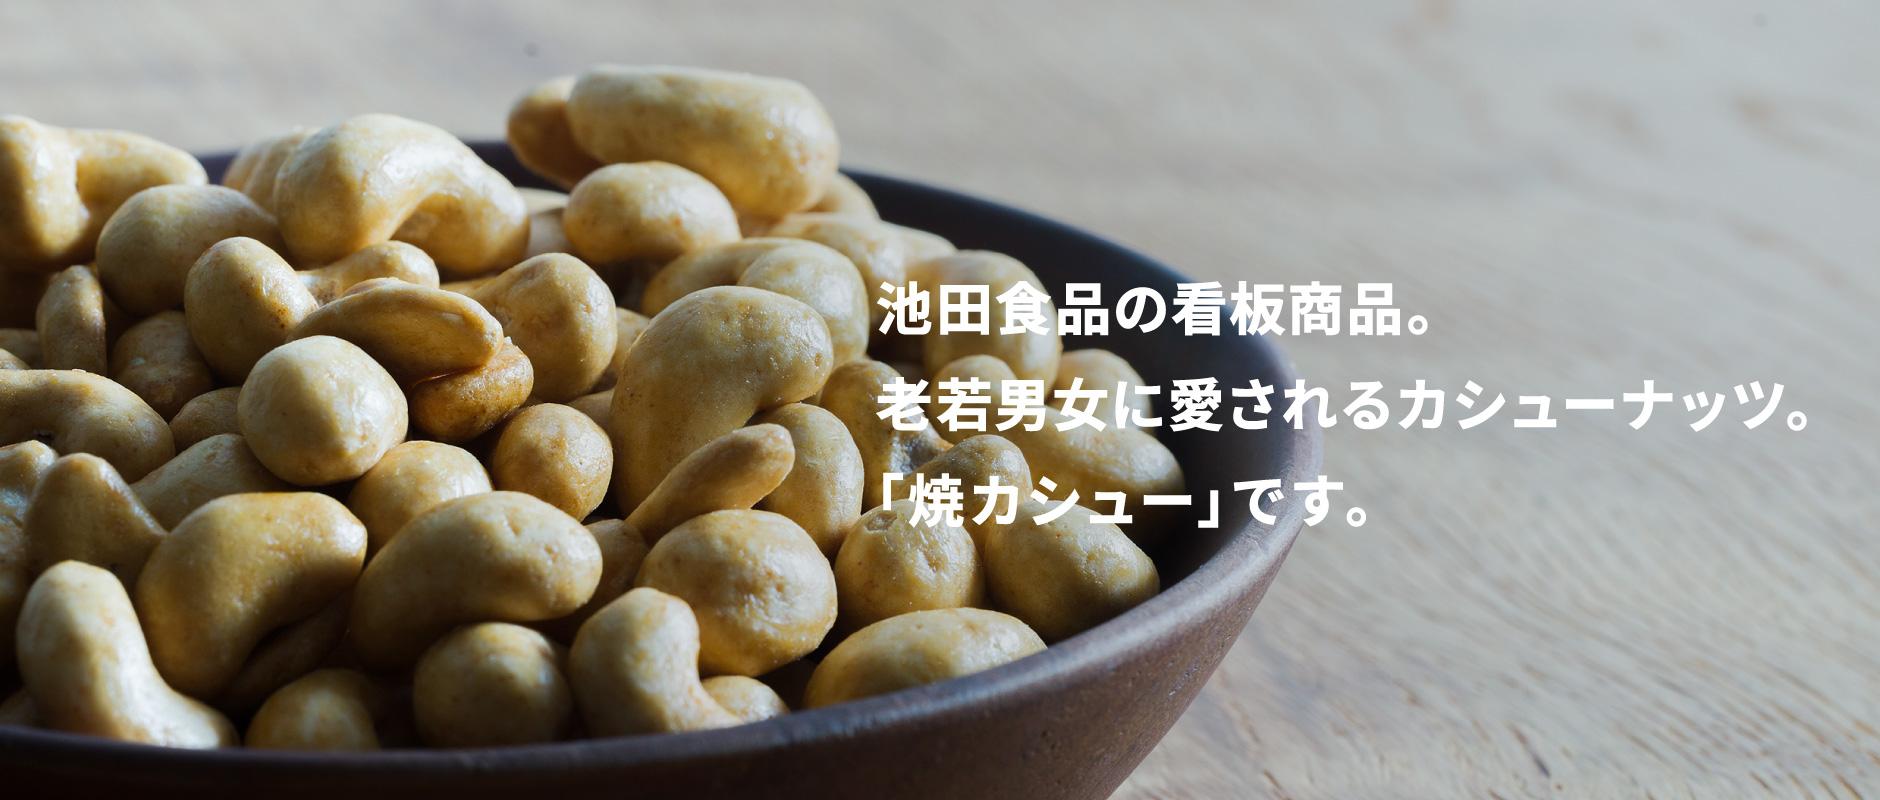 池田食品とは?美味しい豆菓子屋さんその2